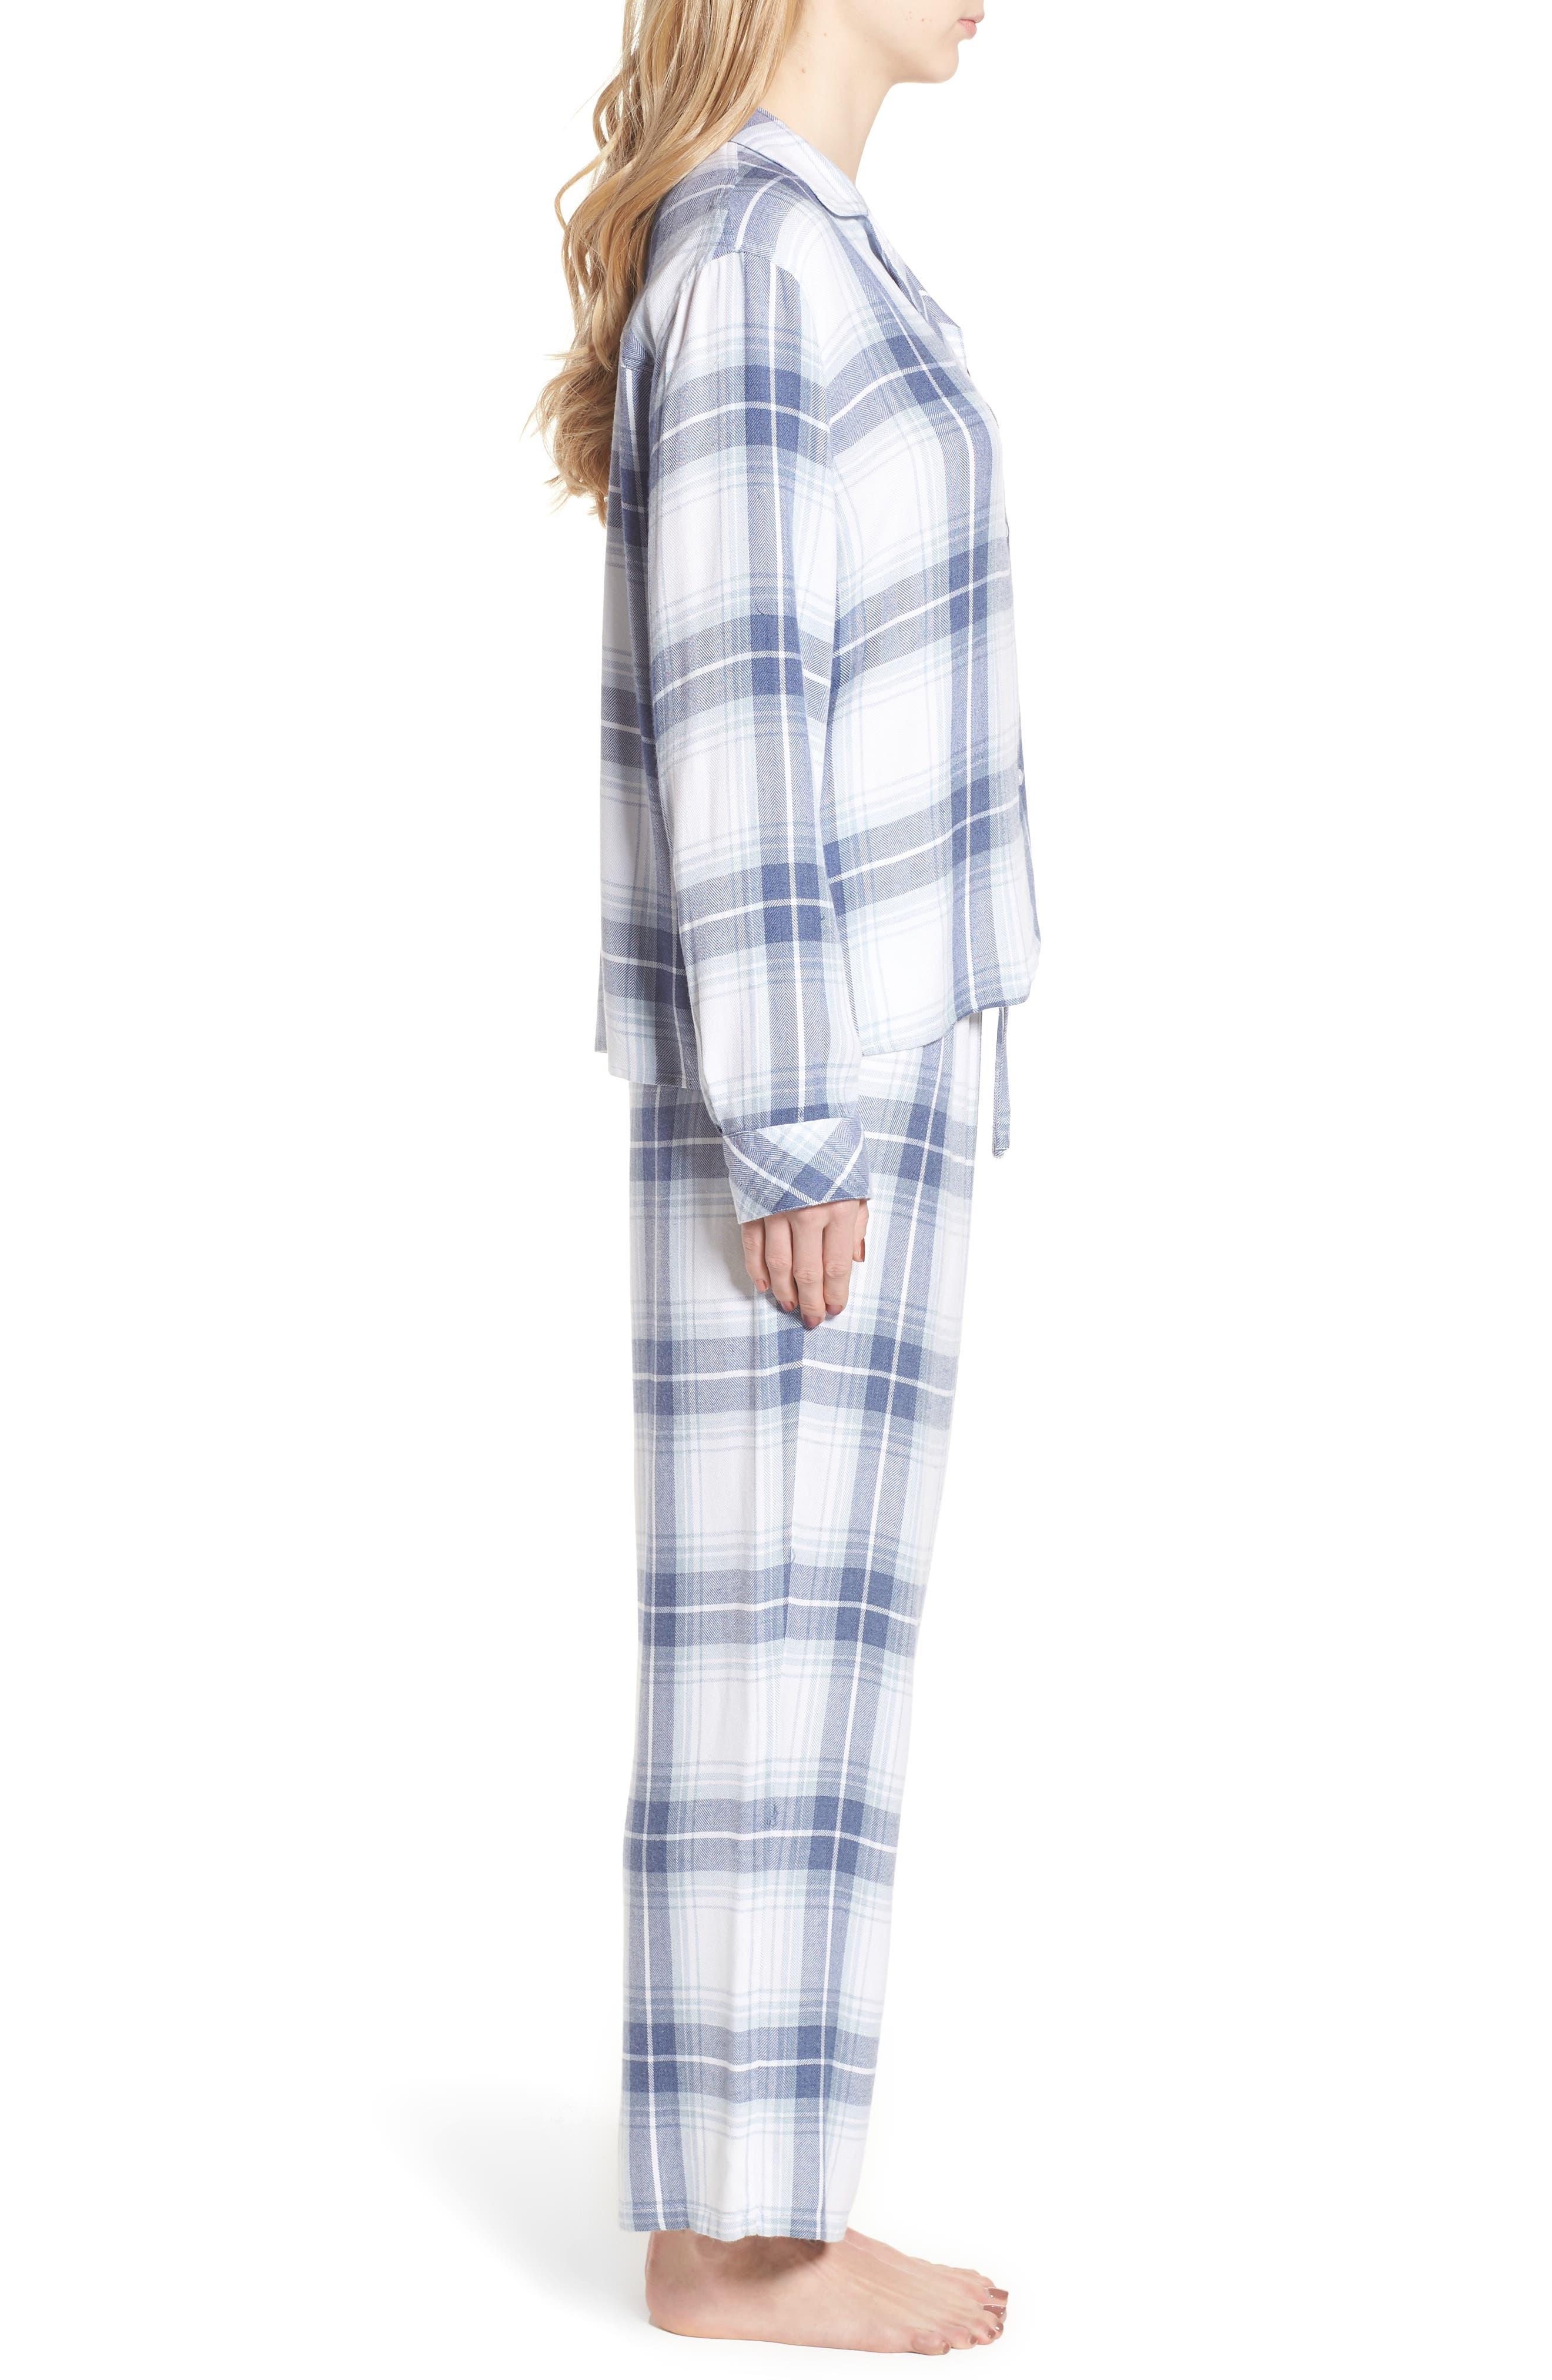 Plaid Pajamas,                             Alternate thumbnail 3, color,                             Pacific Sky White